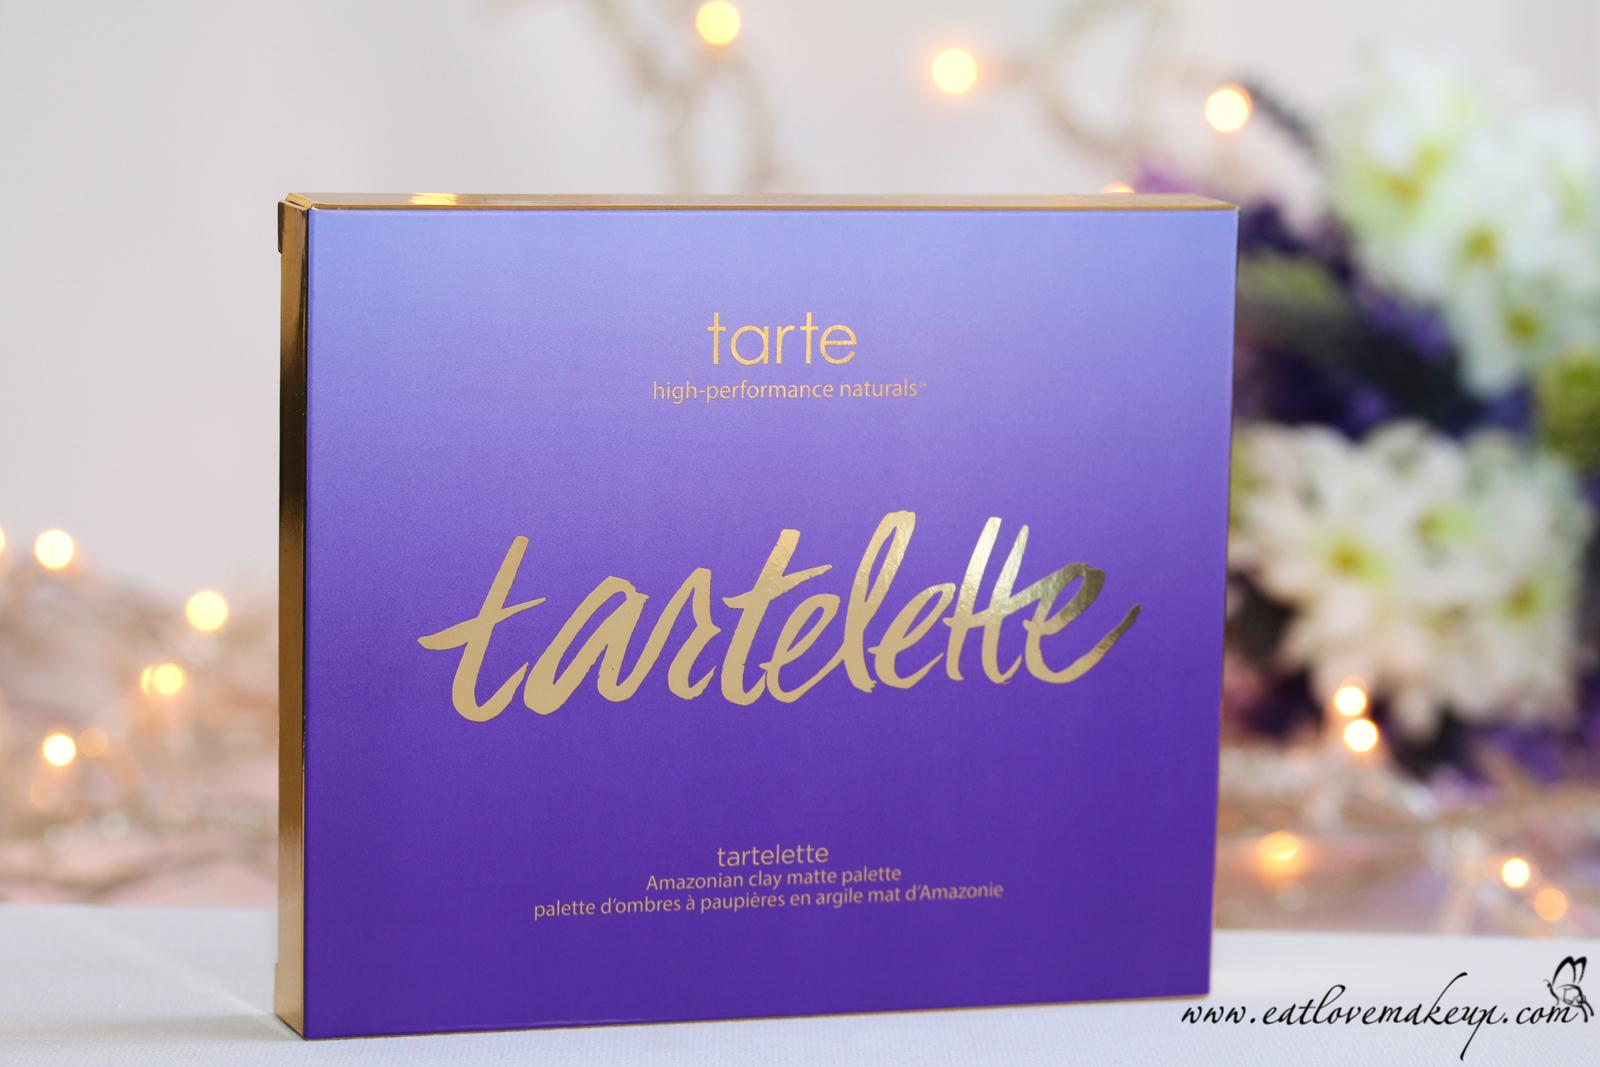 tarte Tartelette